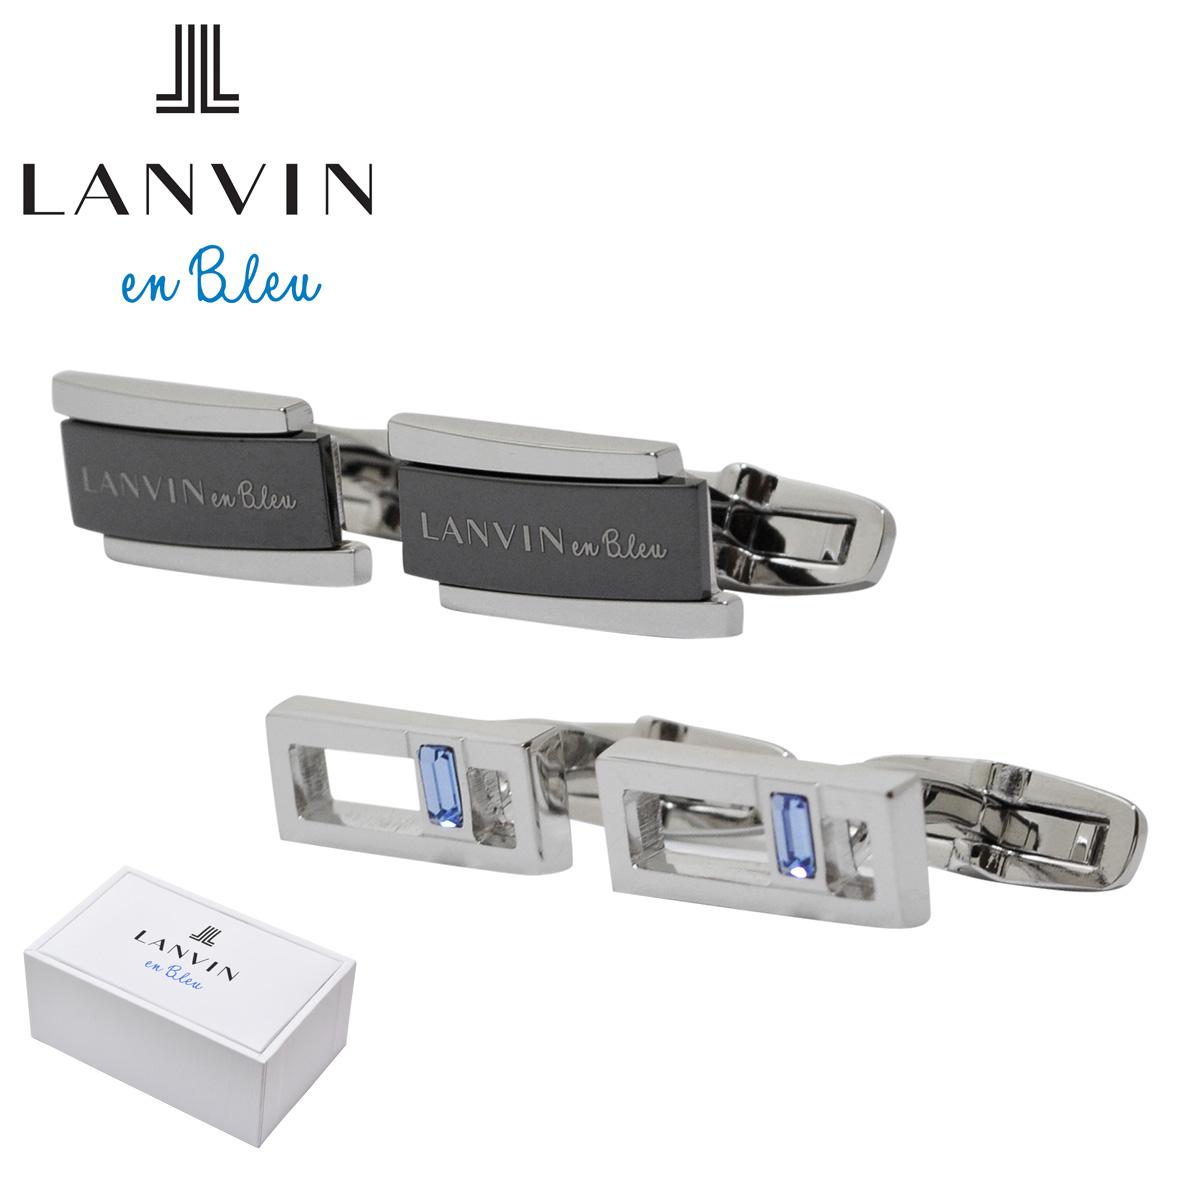 ランバンオンブルー カフス メンズ LANVIN en Bleu|カフスボタン カフリンクス アクセサリー ギフト プレゼント 結婚式 ブランド専用BOX付き[PO10][即日発送]